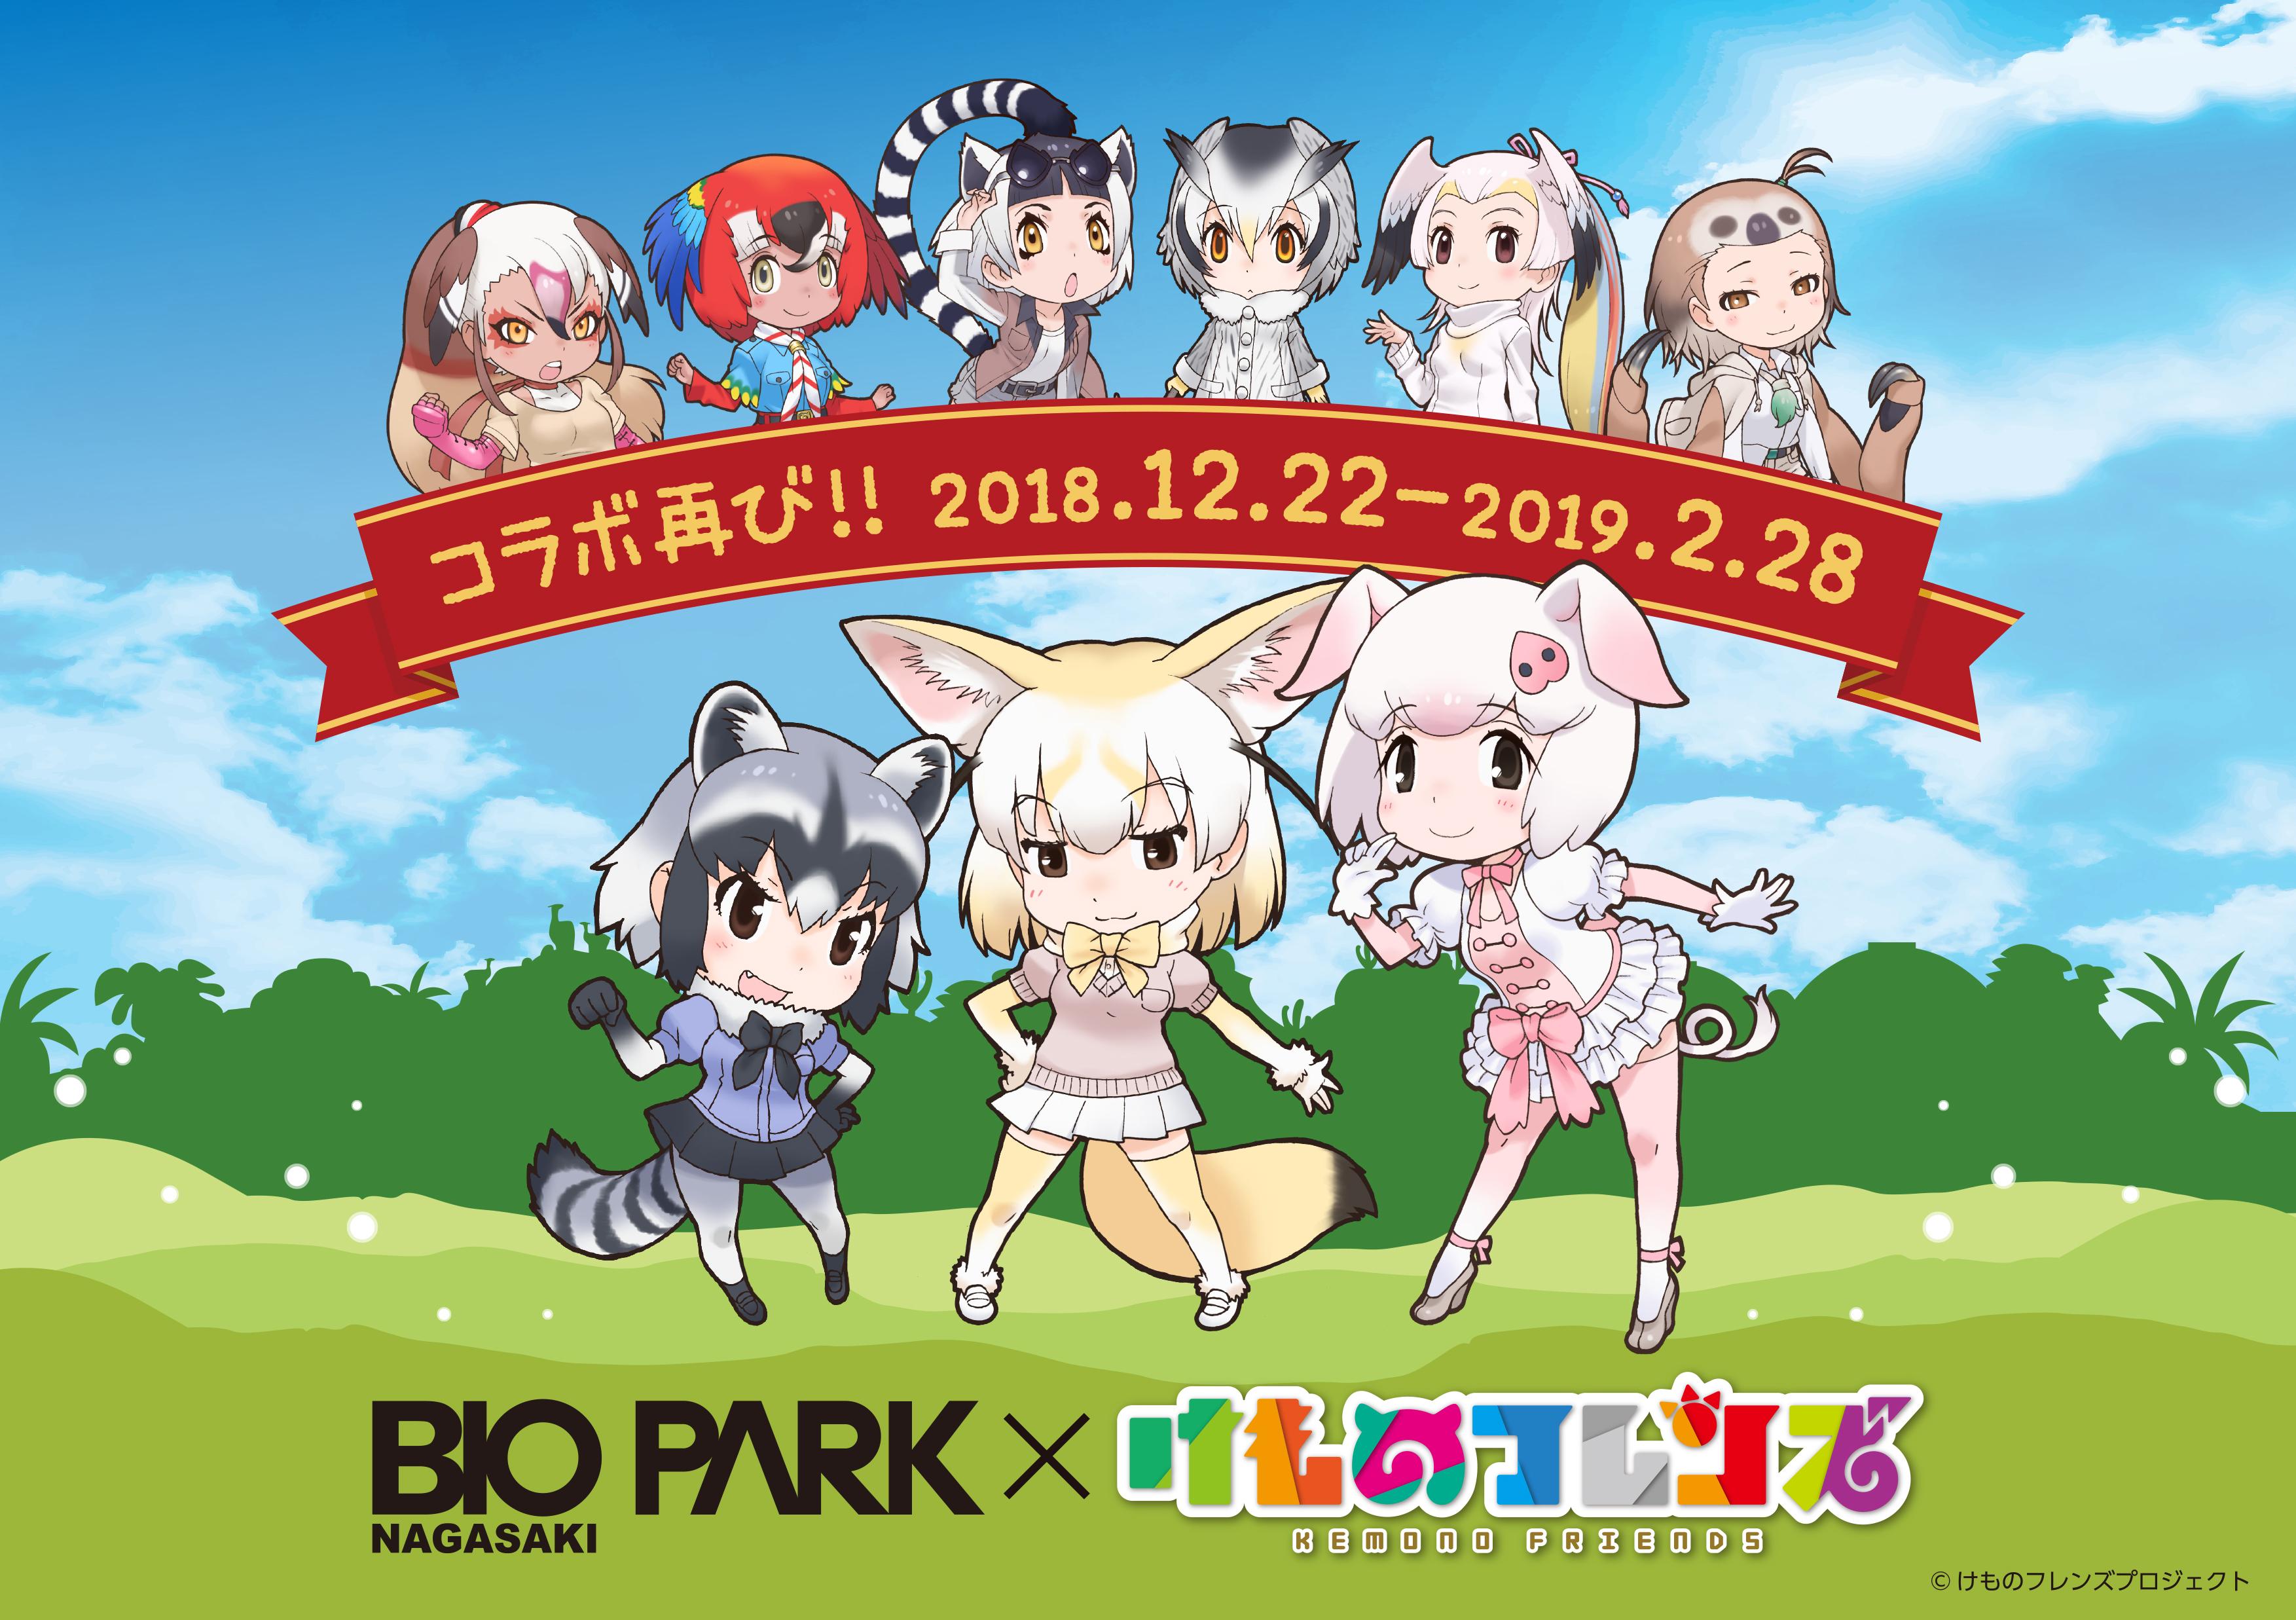 「ブタ」のフレンズが動物園に初登場! 長崎県西海市の「長崎バイオパーク」が「けものフレンズ」とコラボ